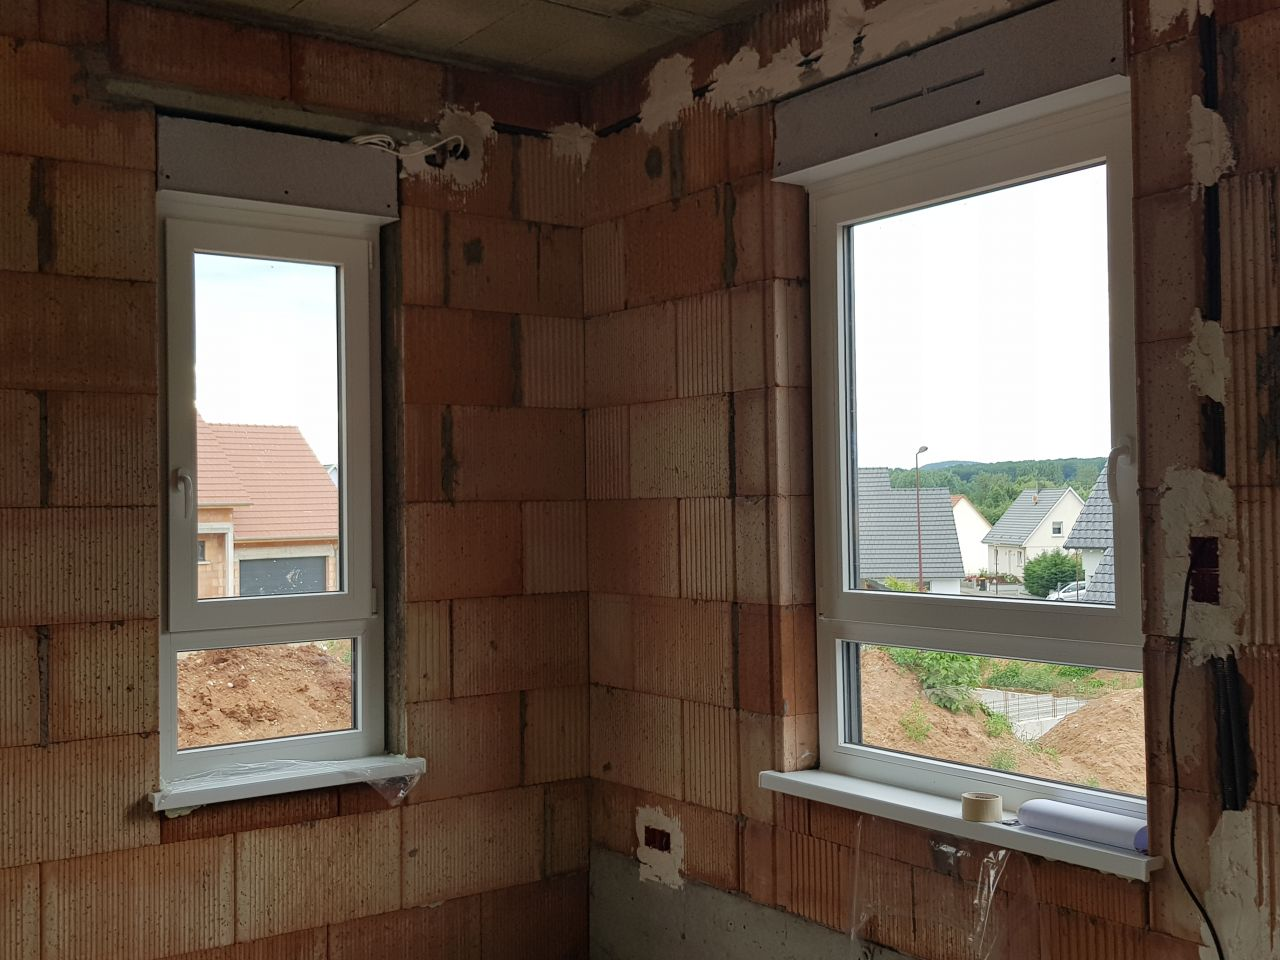 Fenêtres salon et début d'escalier vers étage